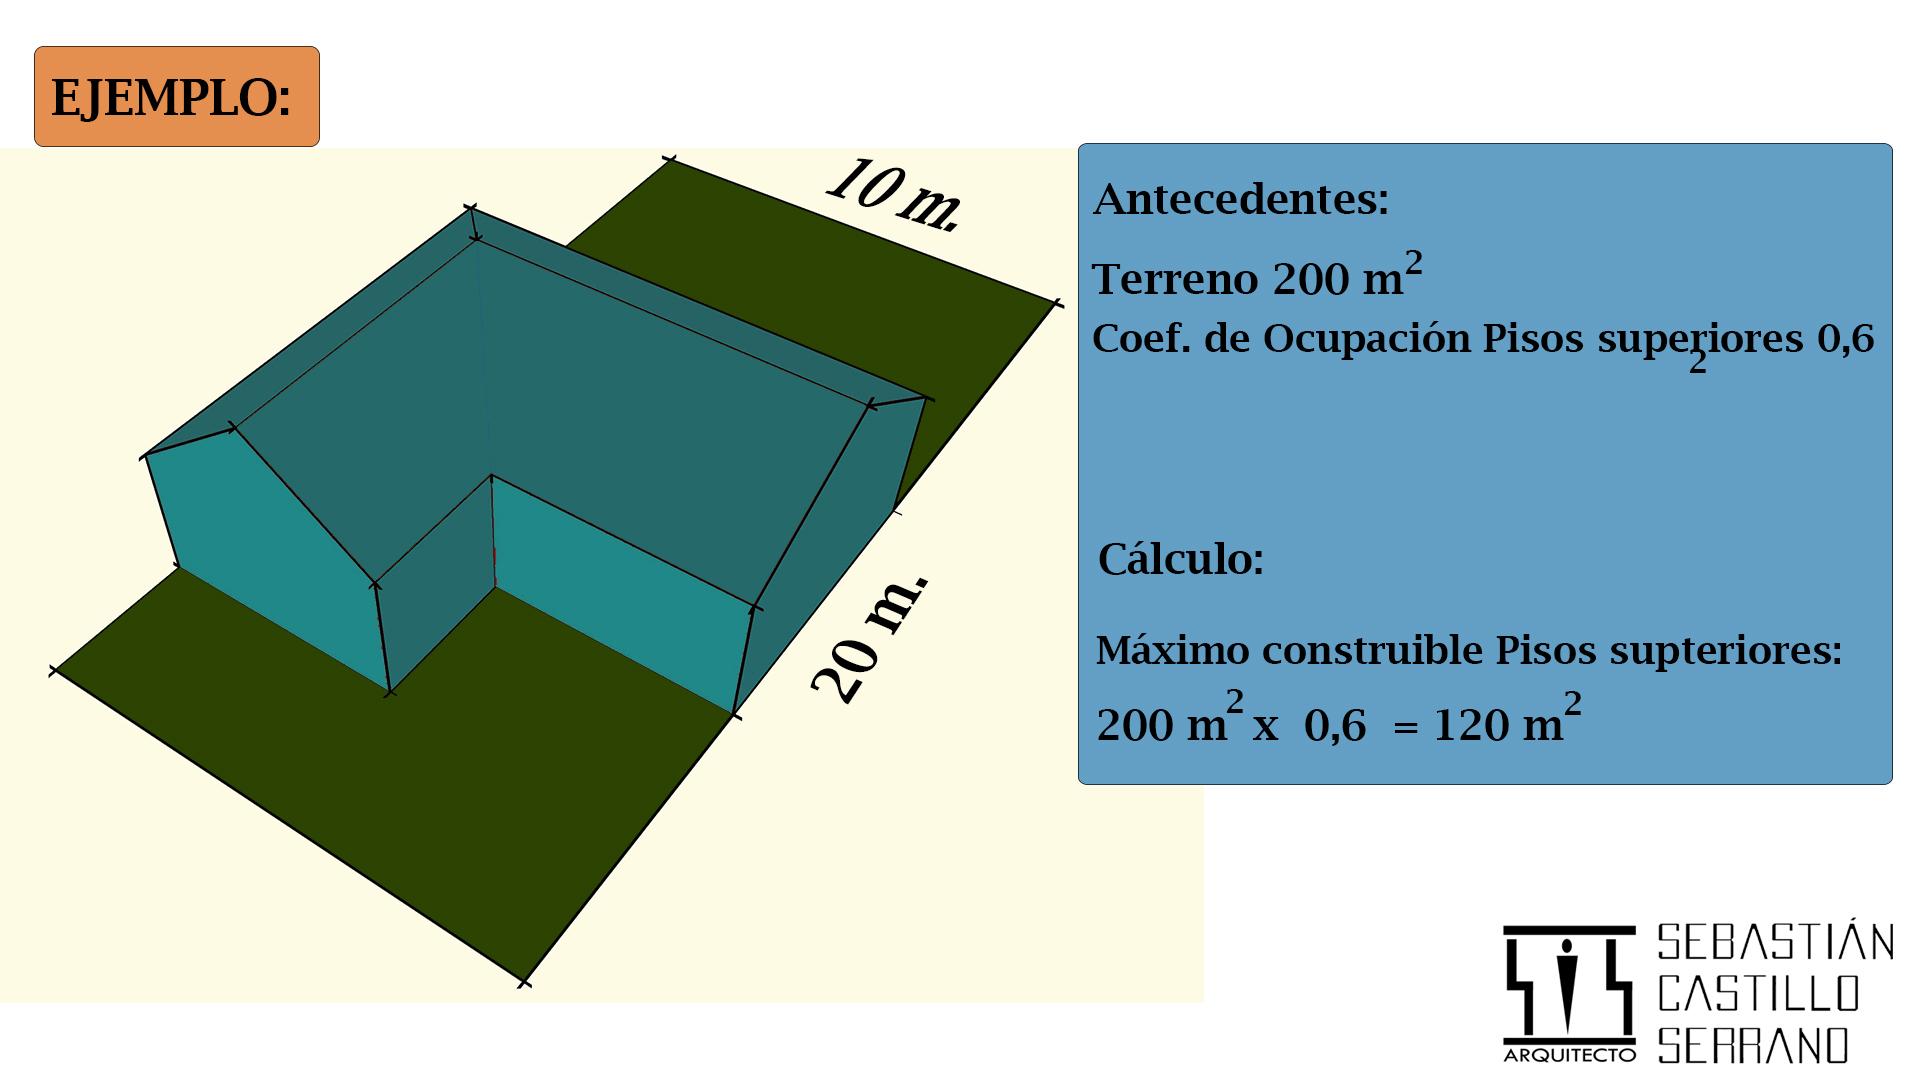 Coeficiente ocupaci n pisos superiores qu es scsarquitecto - Ejemplo certificado energetico piso ...